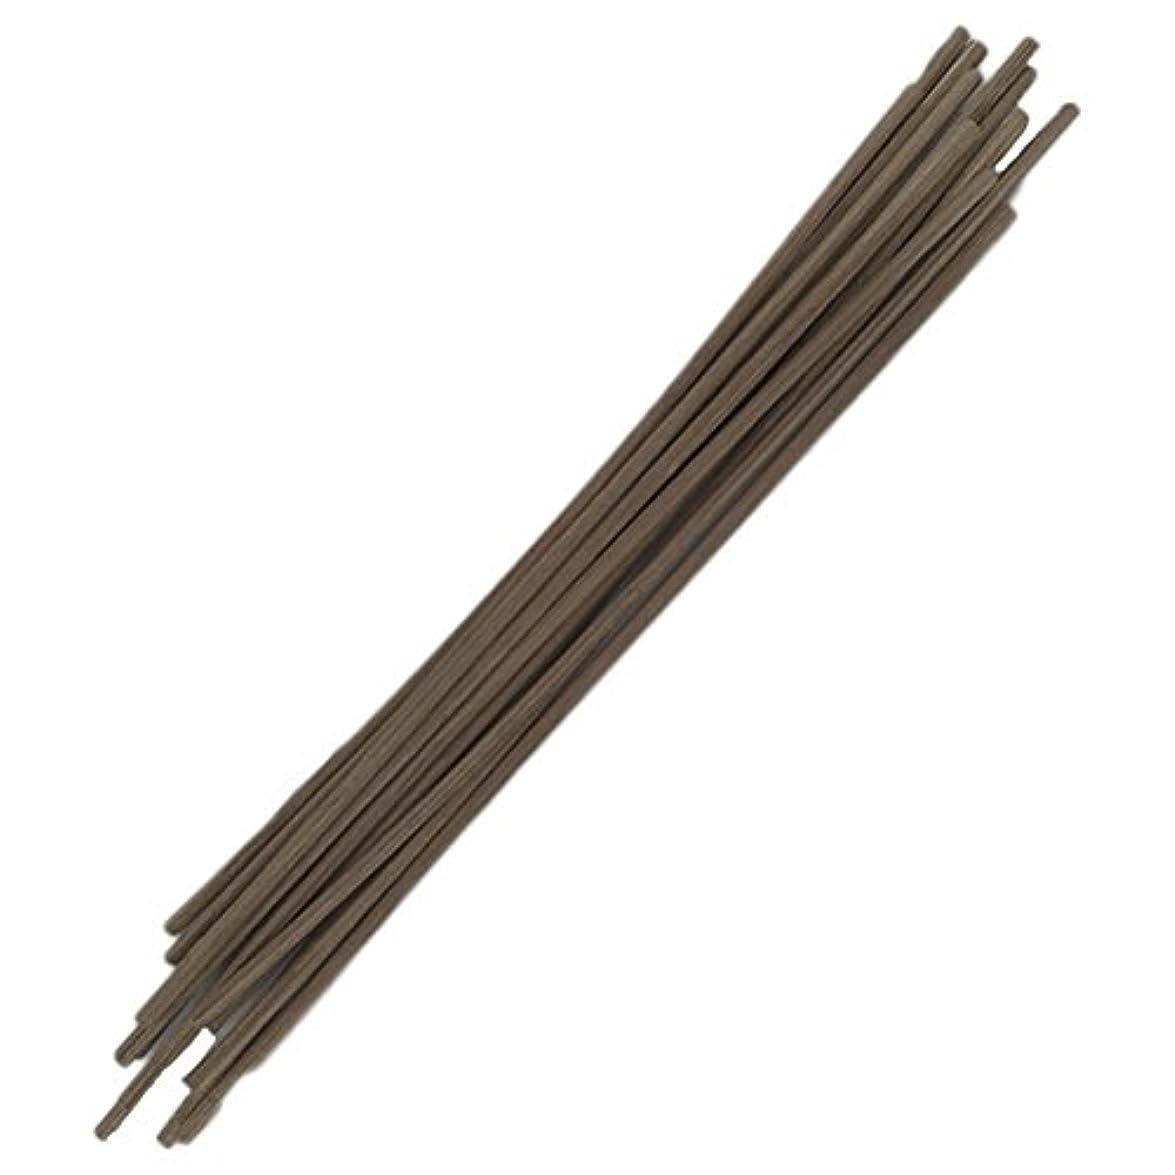 ホームレスくぼみ引くHEALIFTY 30pcs籐のリードは自然の香りのリードのディフューザーのアロマオイルディフューザー籐25センチメートルスティック